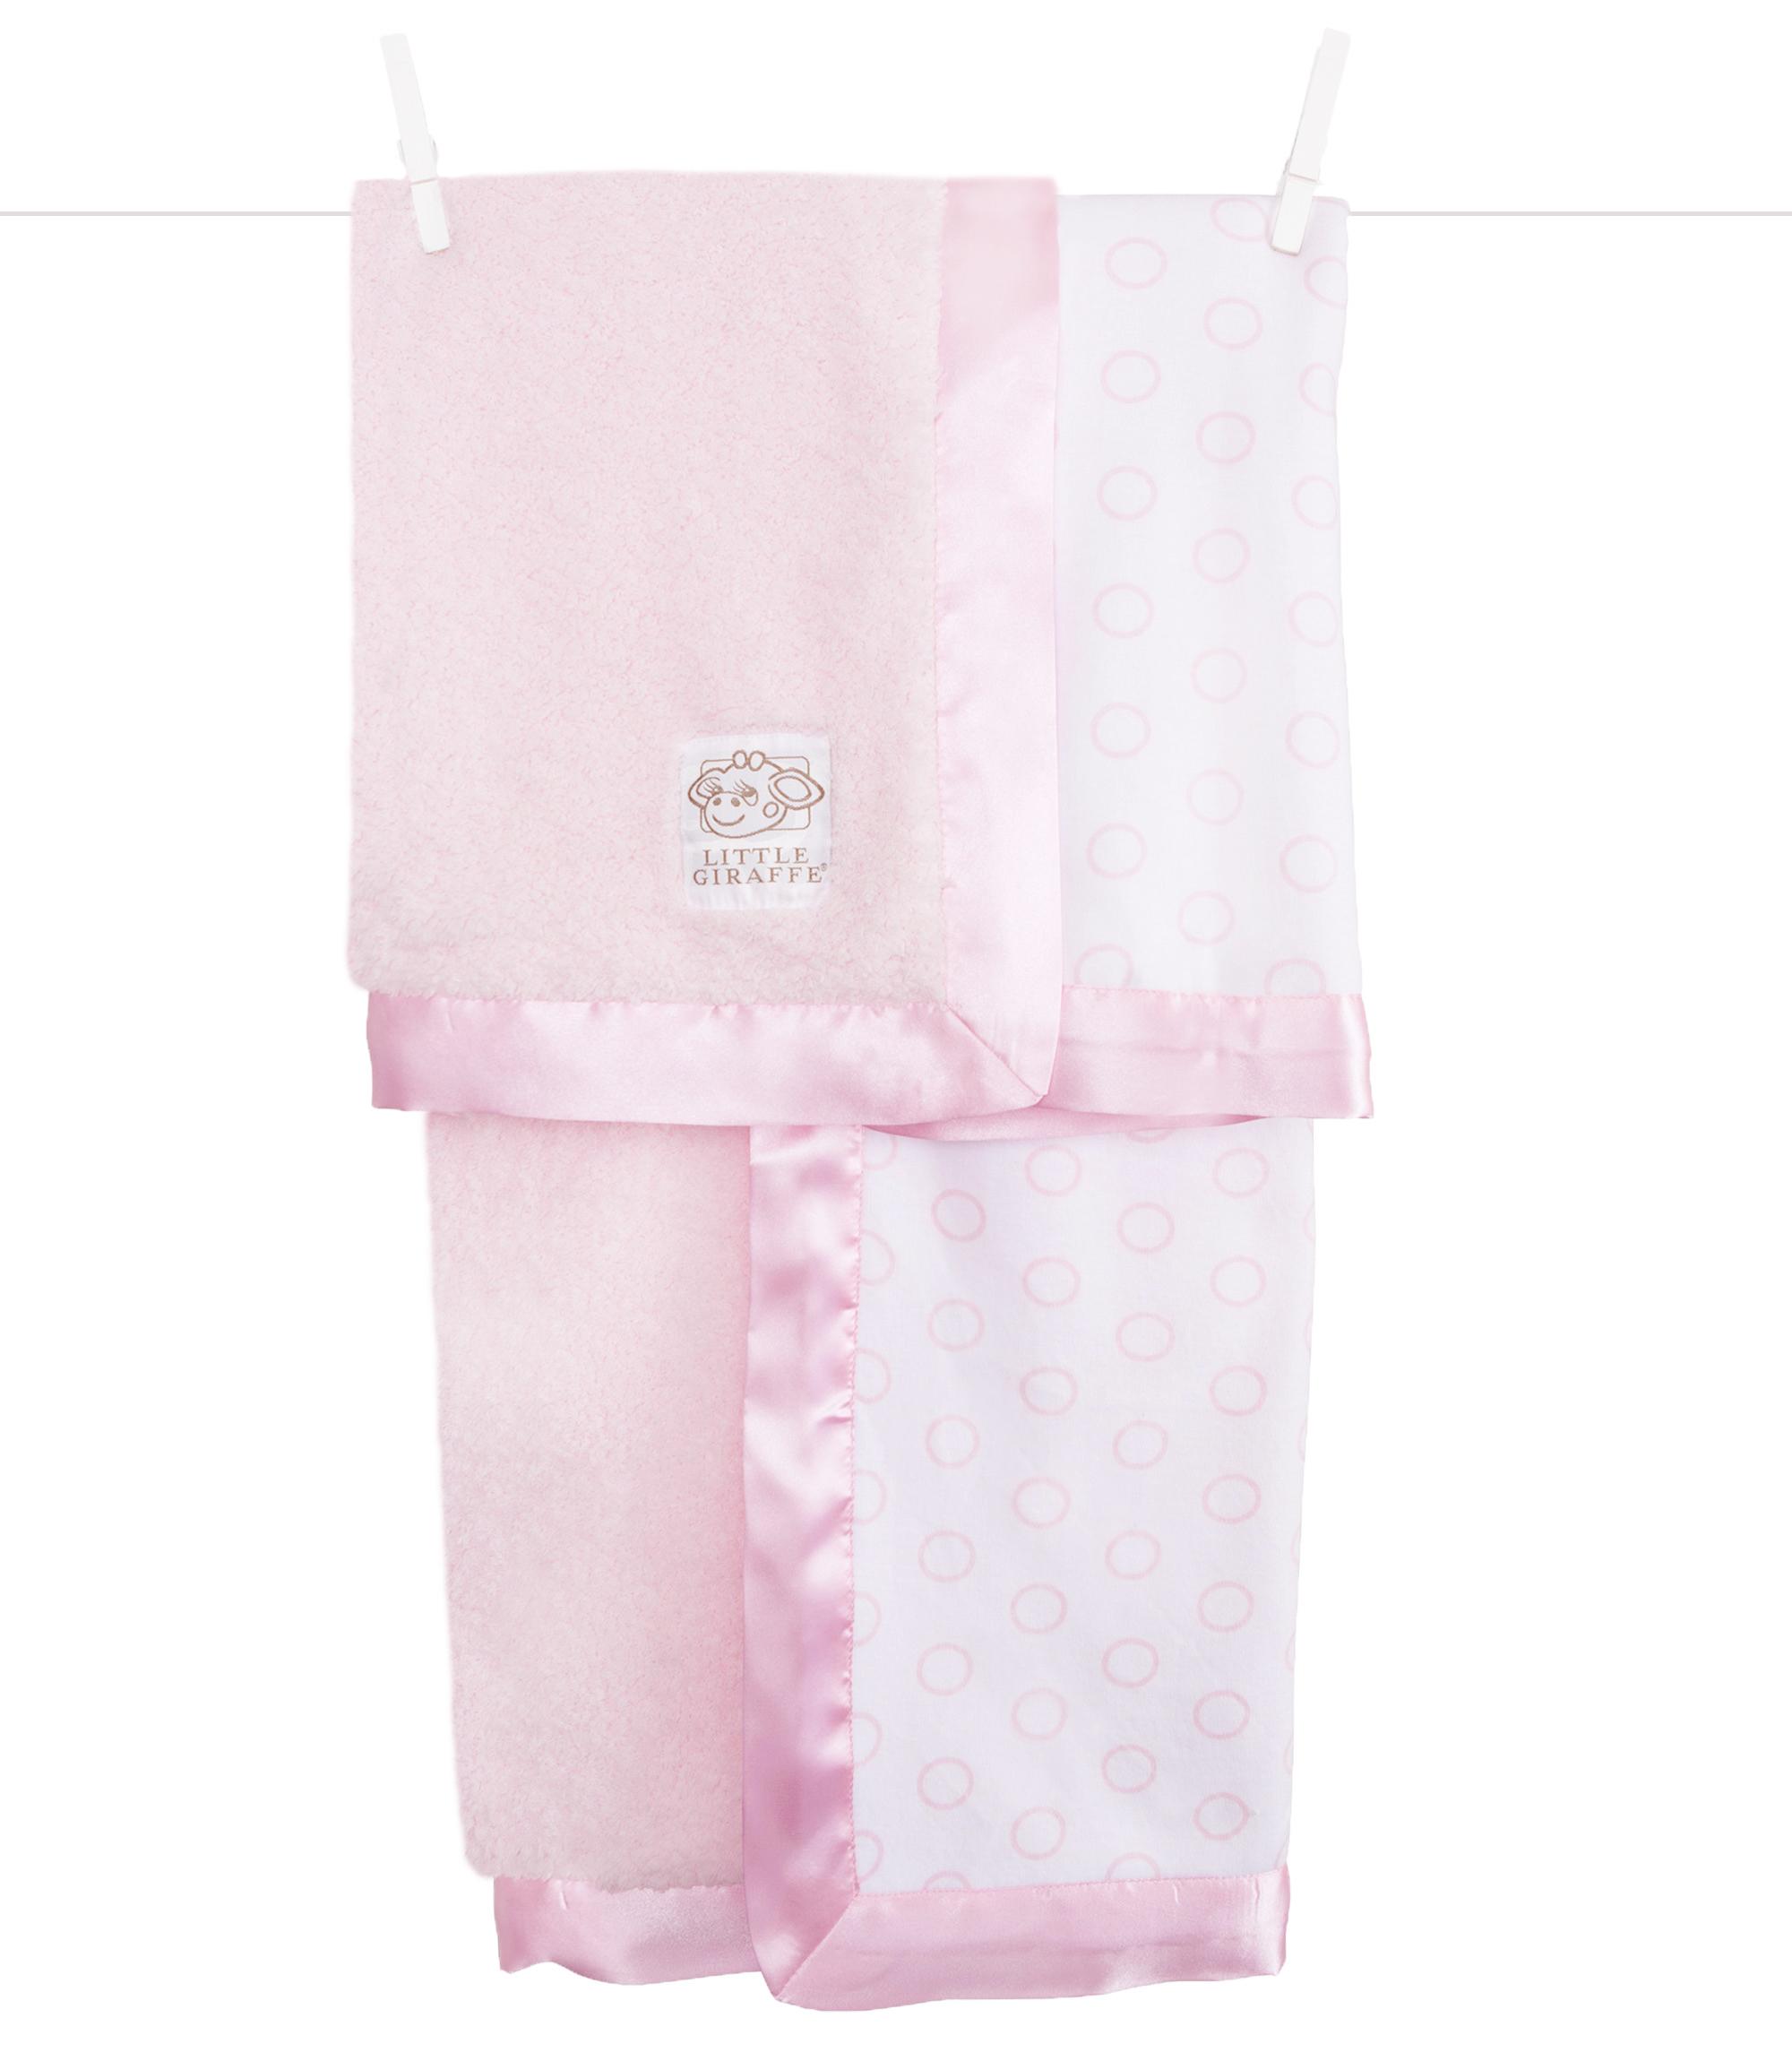 chenille hush blanket - Chenille Blanket